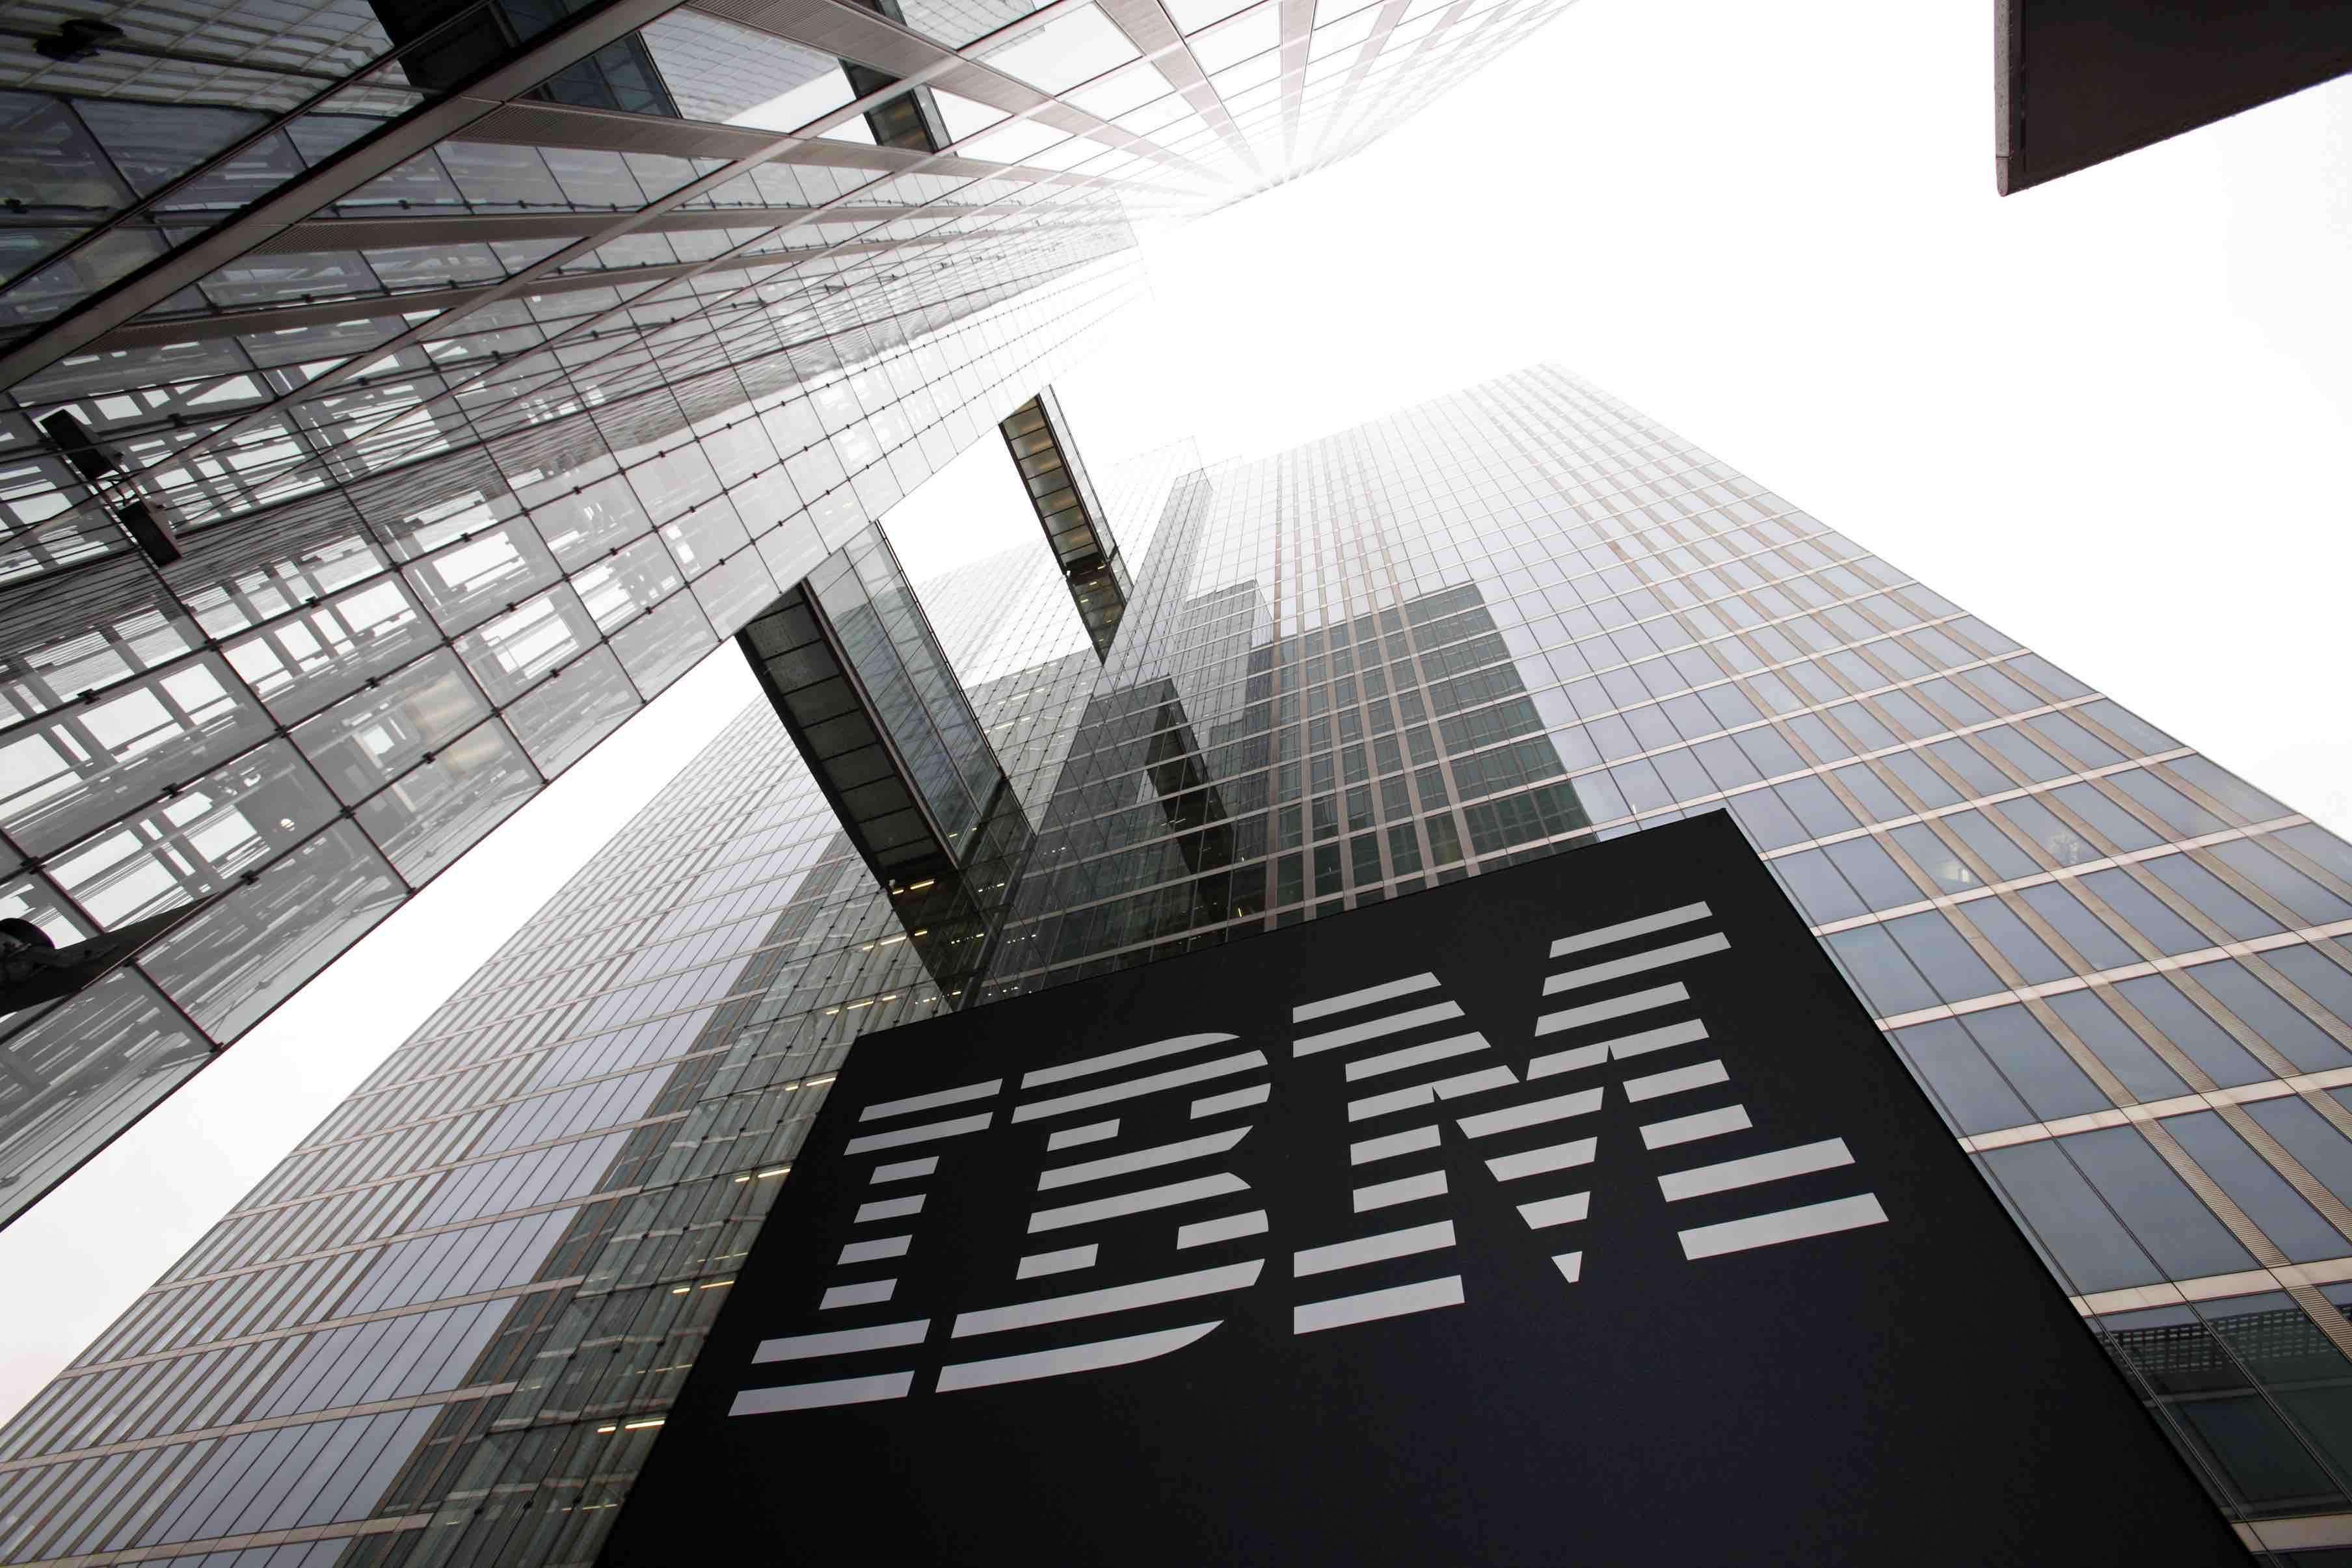 Приглашаем на семинары IBM — чат-боты, блокчейн, машинное обучение и прочее - 1